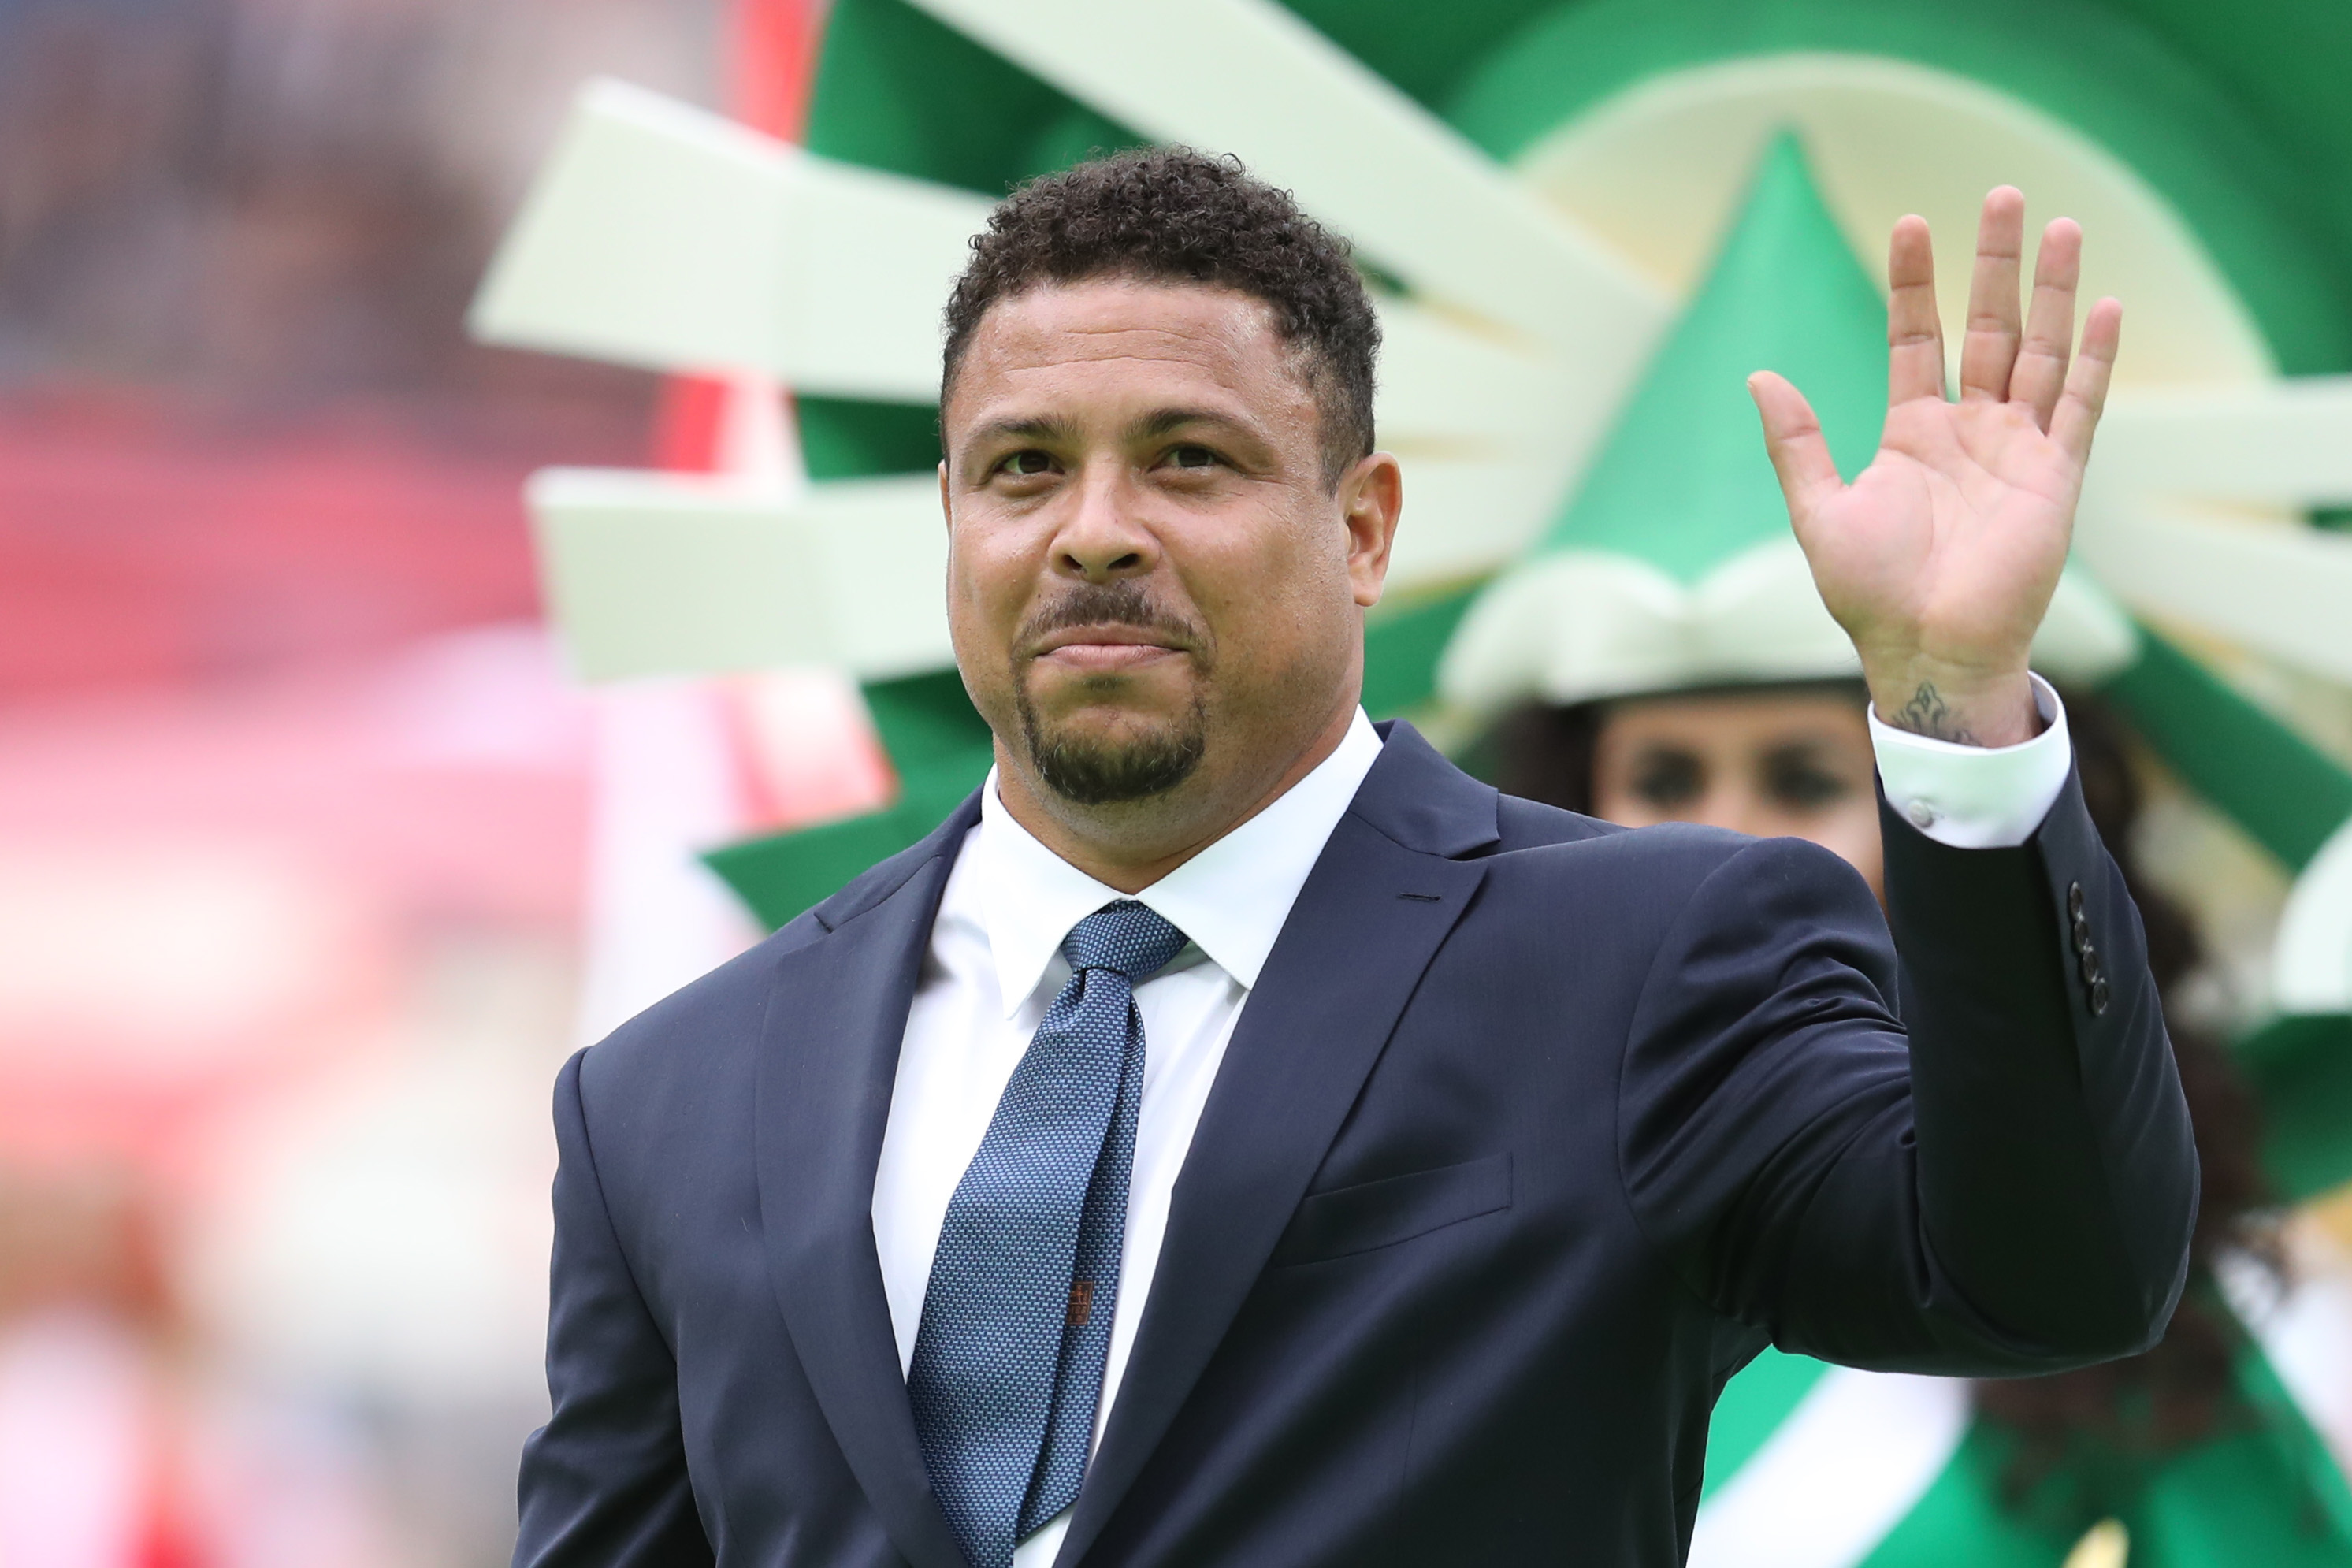 Internaron con urgencia en Ibiza a Ronaldo - Somos Deporte